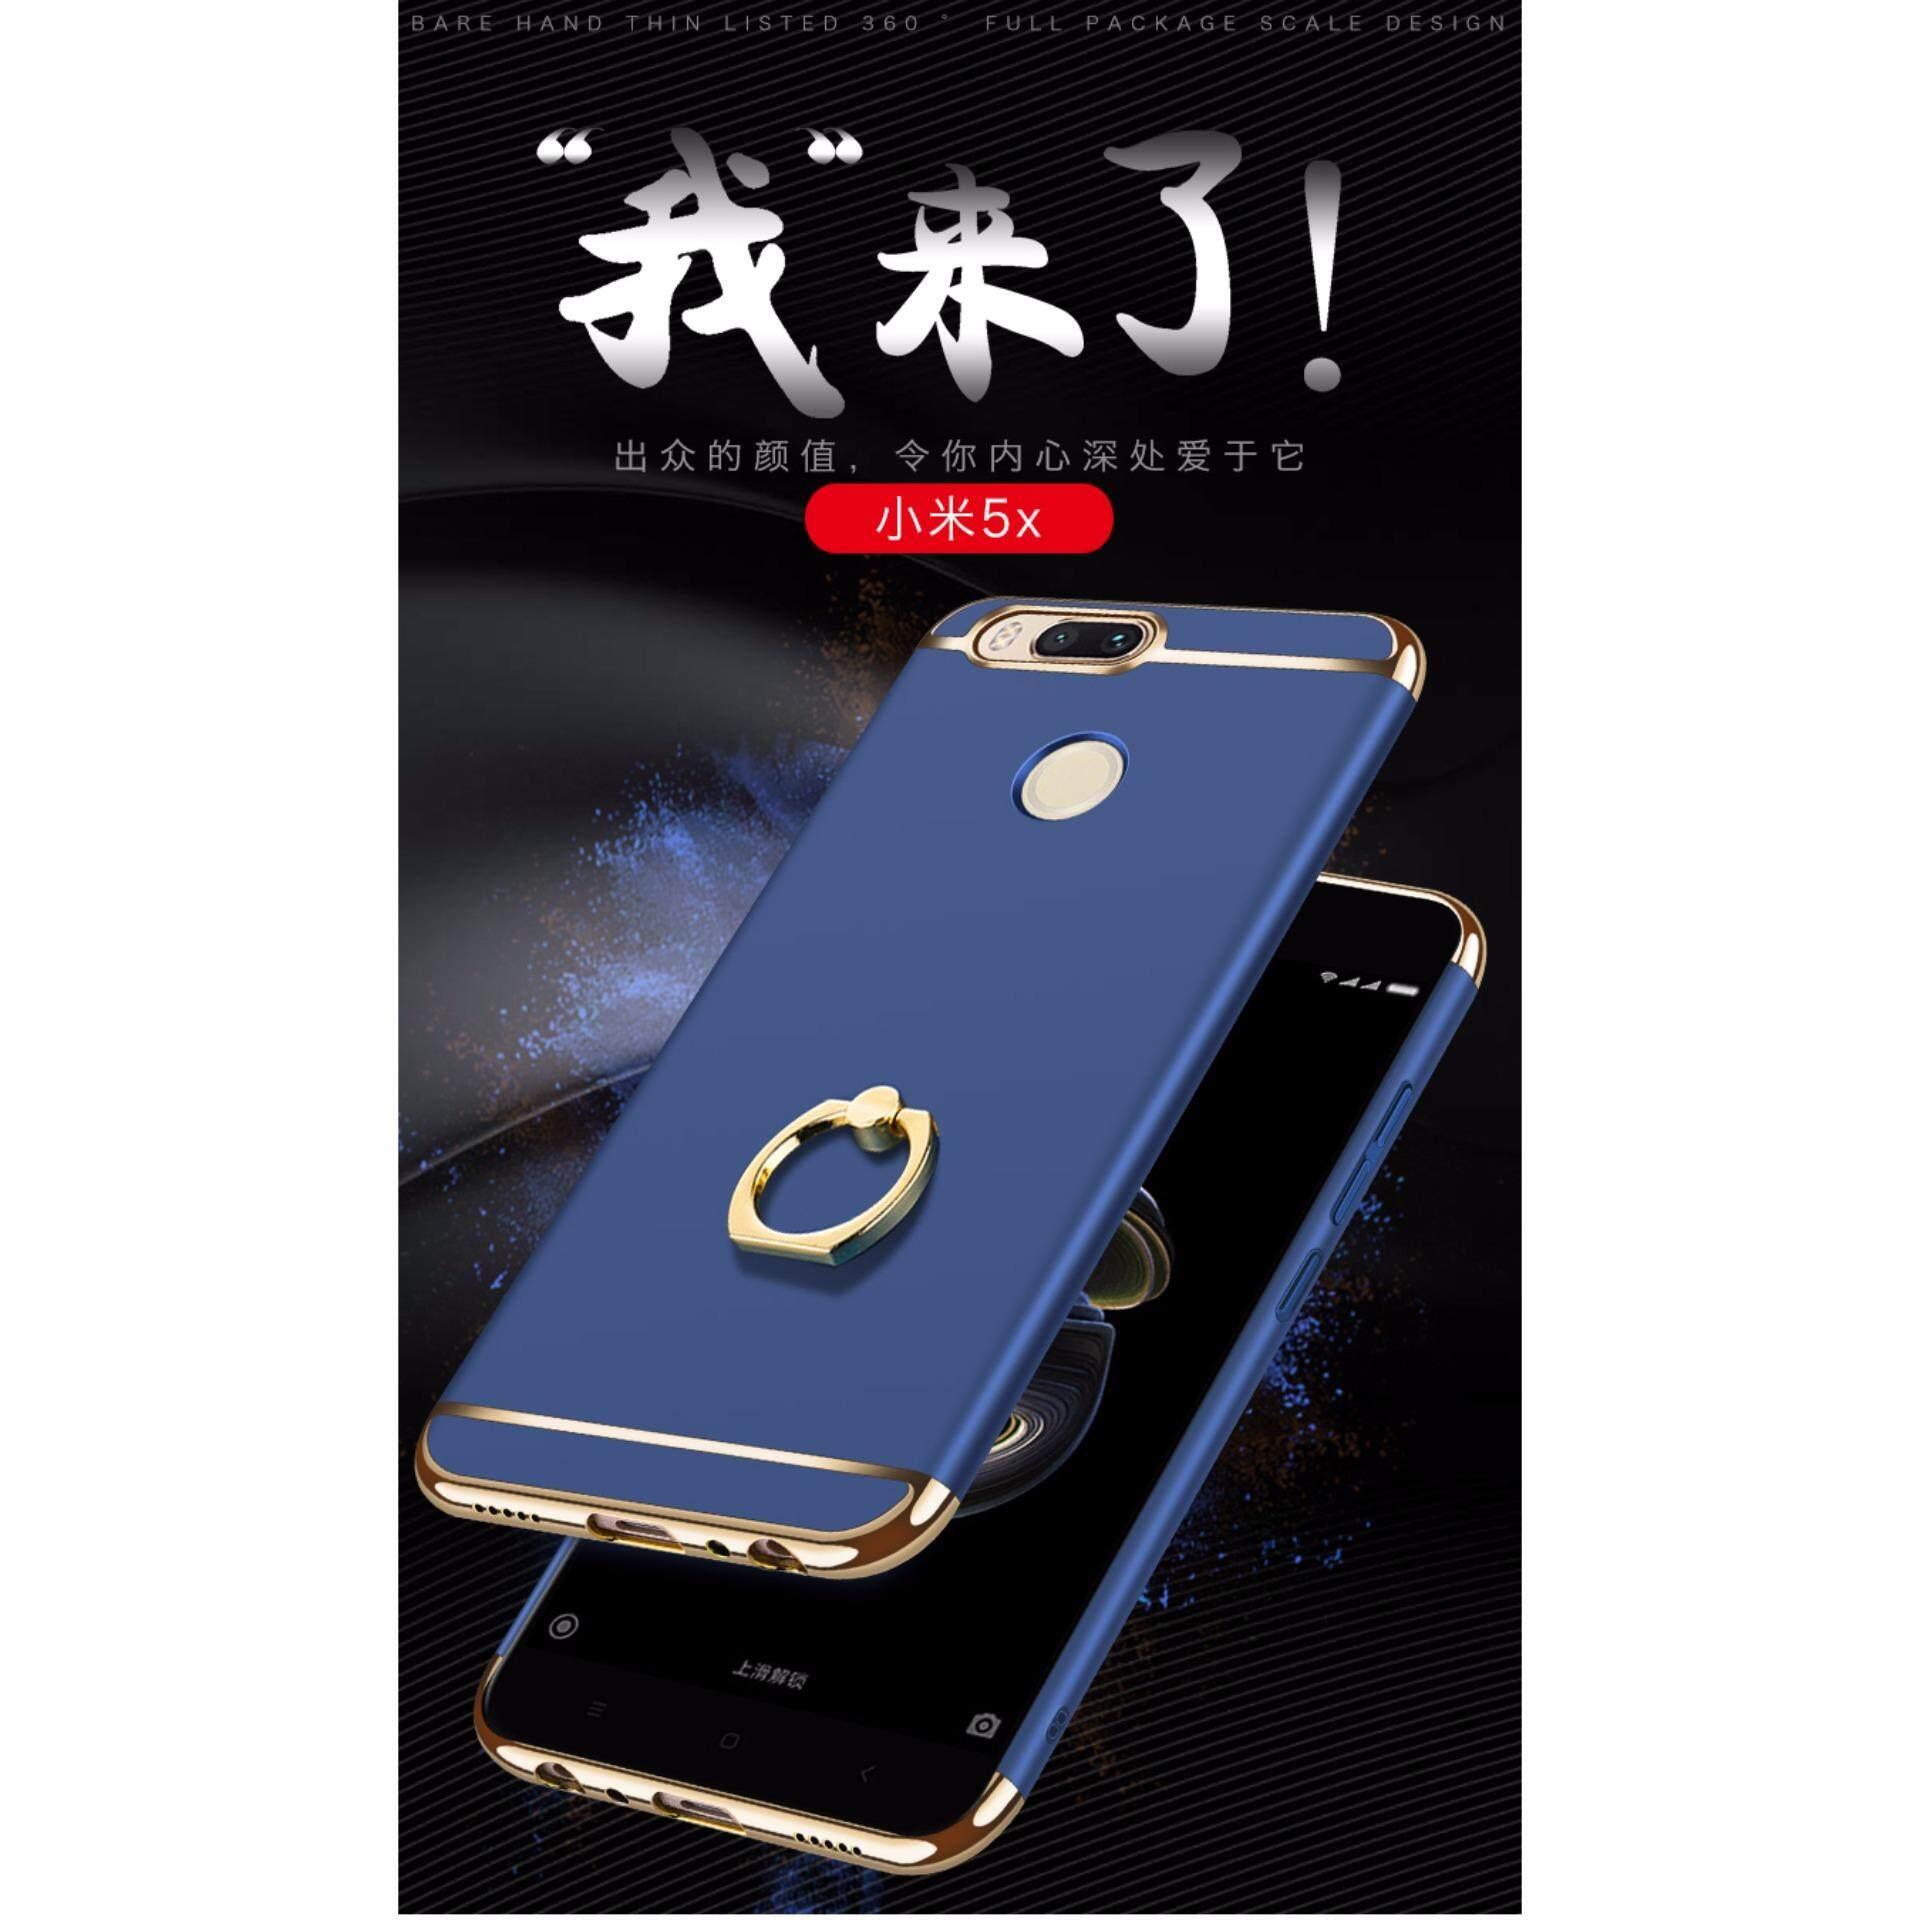 Fashion plating mate pembekuan Kasus 3-in-1 pc penutup belakanguntuk Xiaomi Mi Max